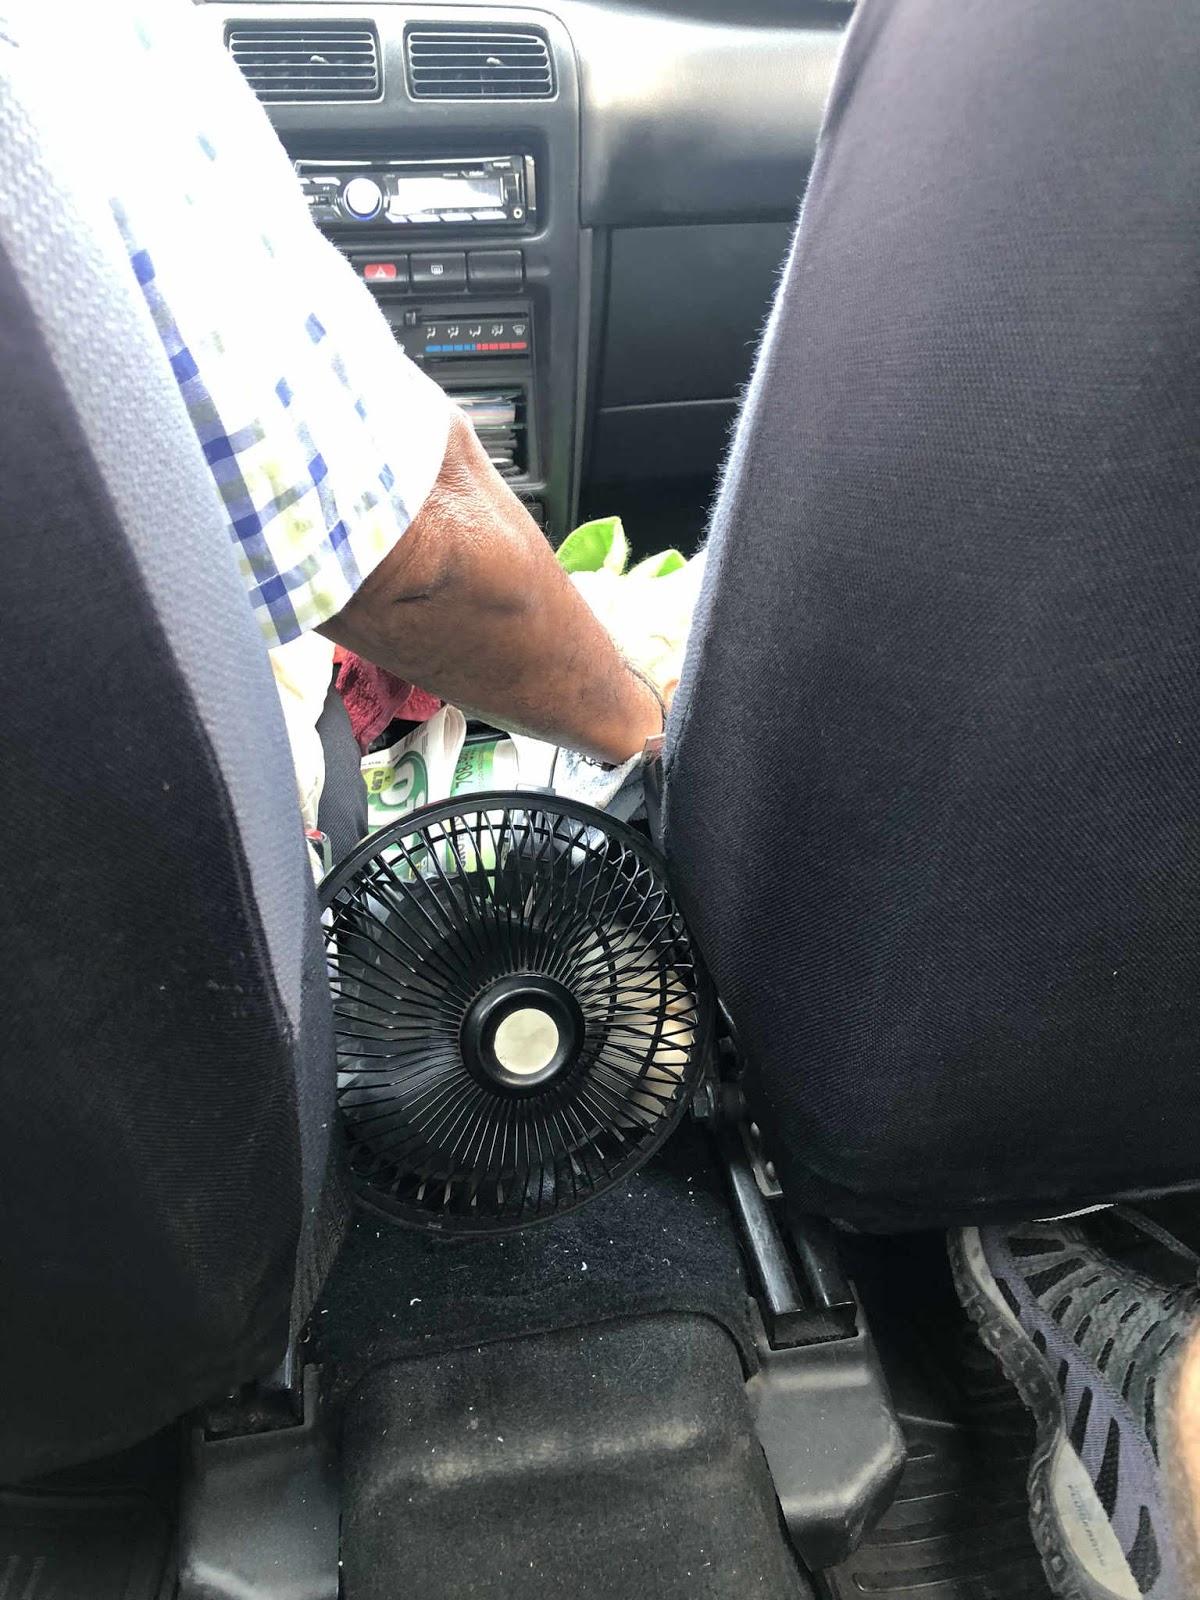 ar condicionado no táxi em Lima